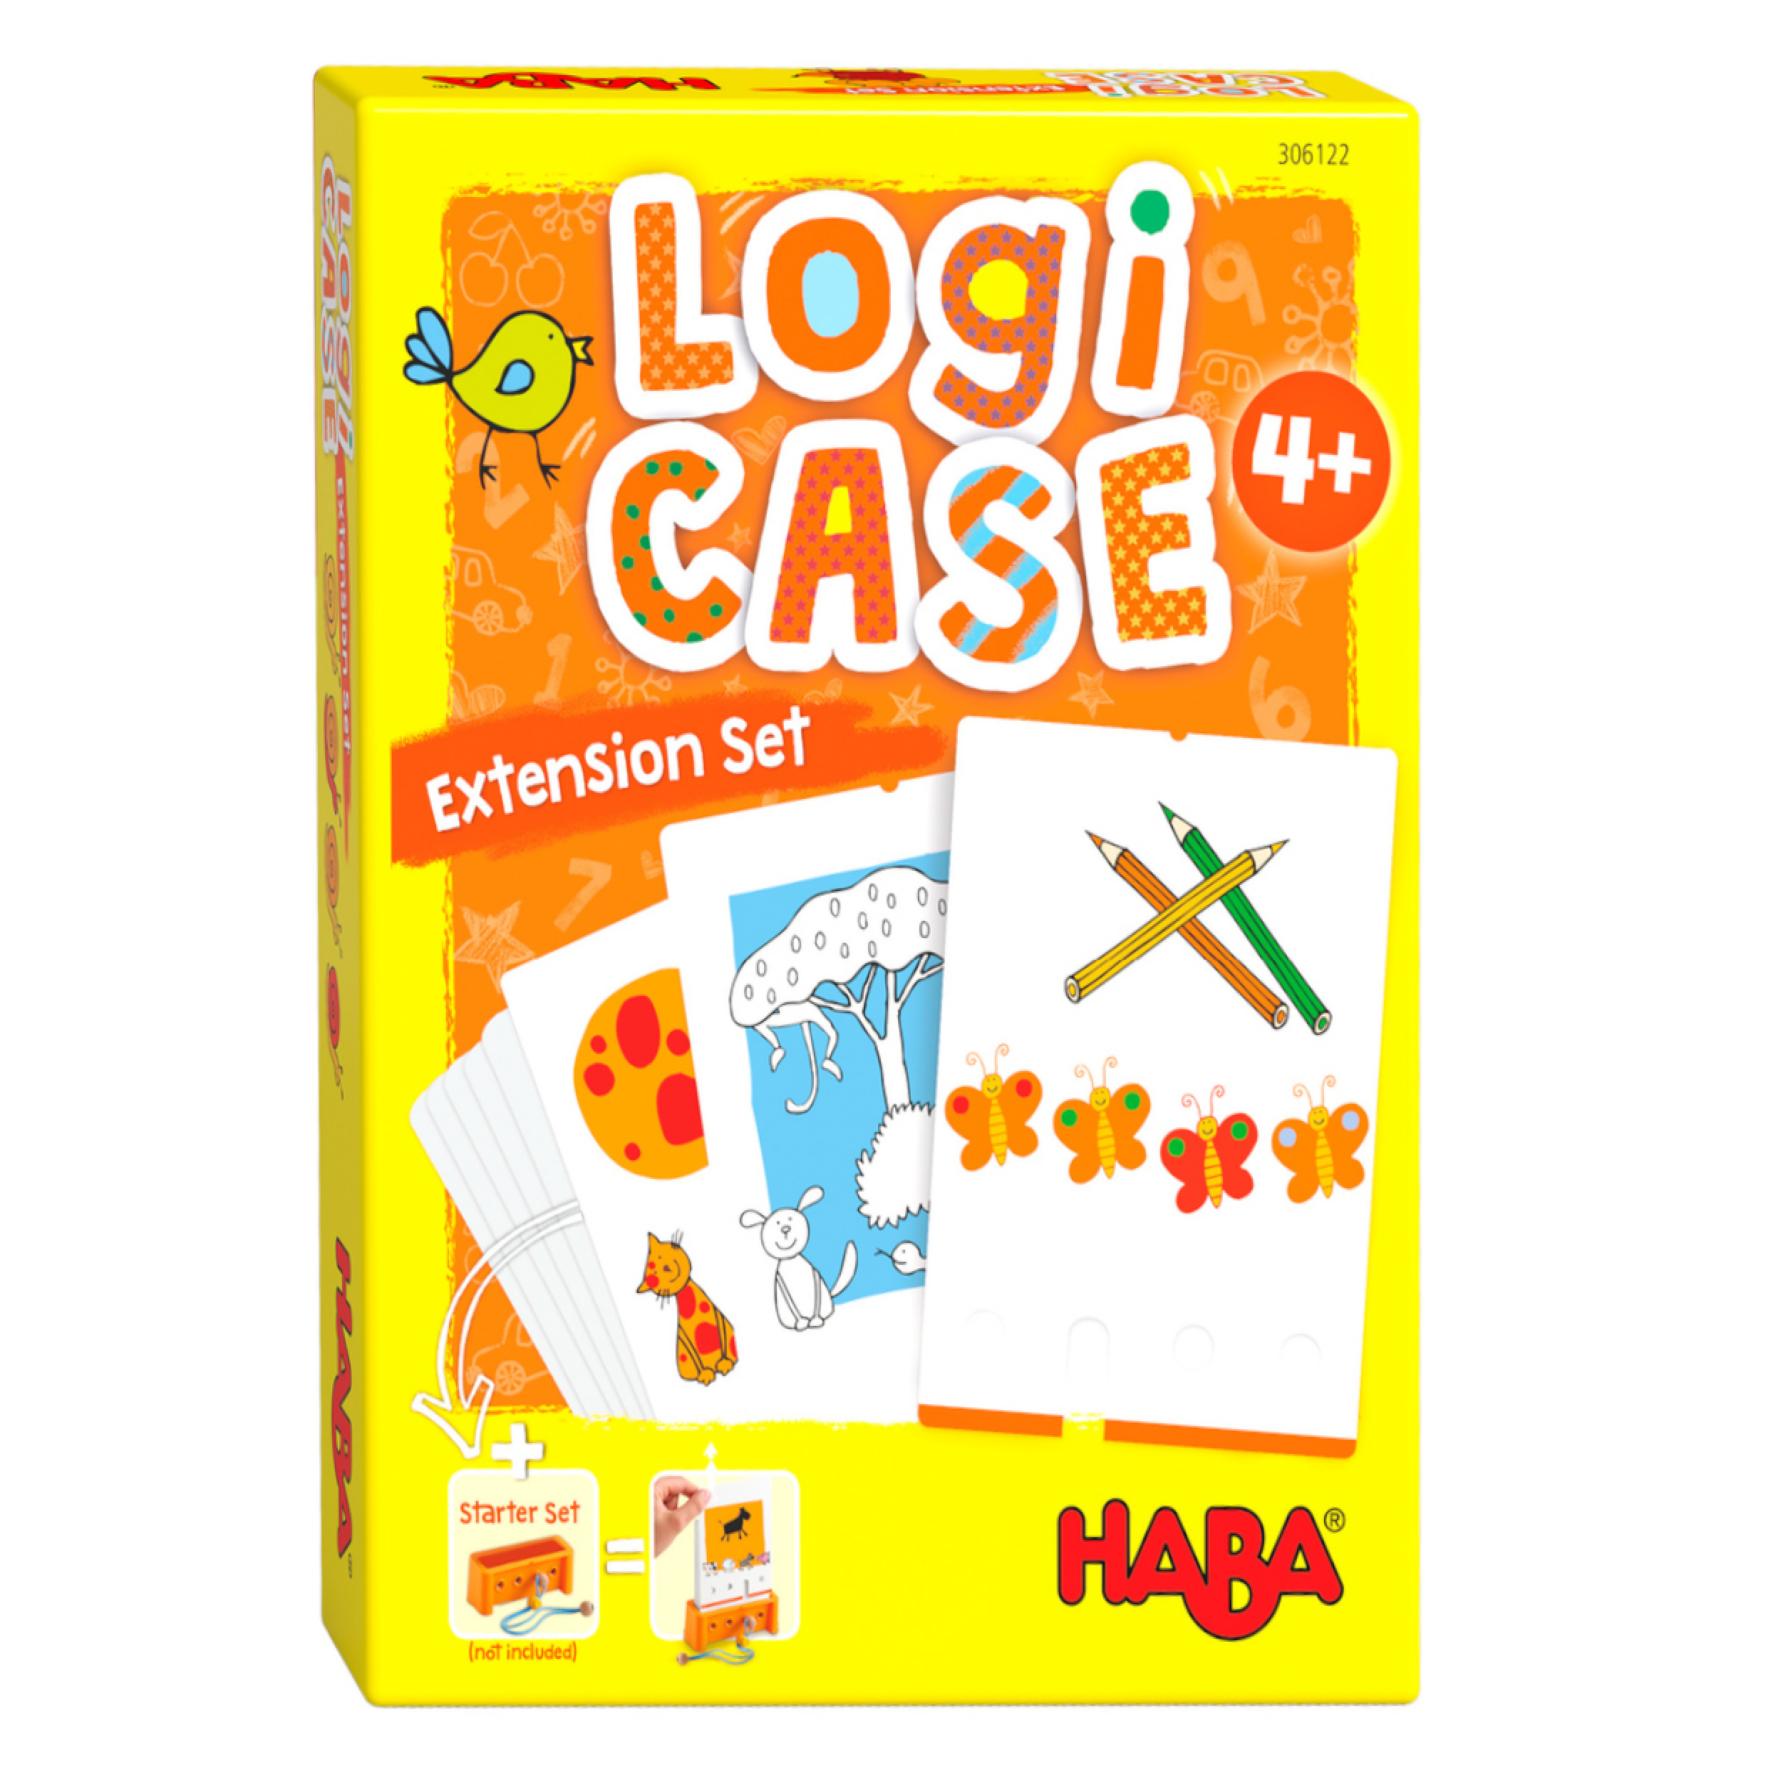 Spel - LogiCASE - Dieren - Uitbreidingsset - 4+